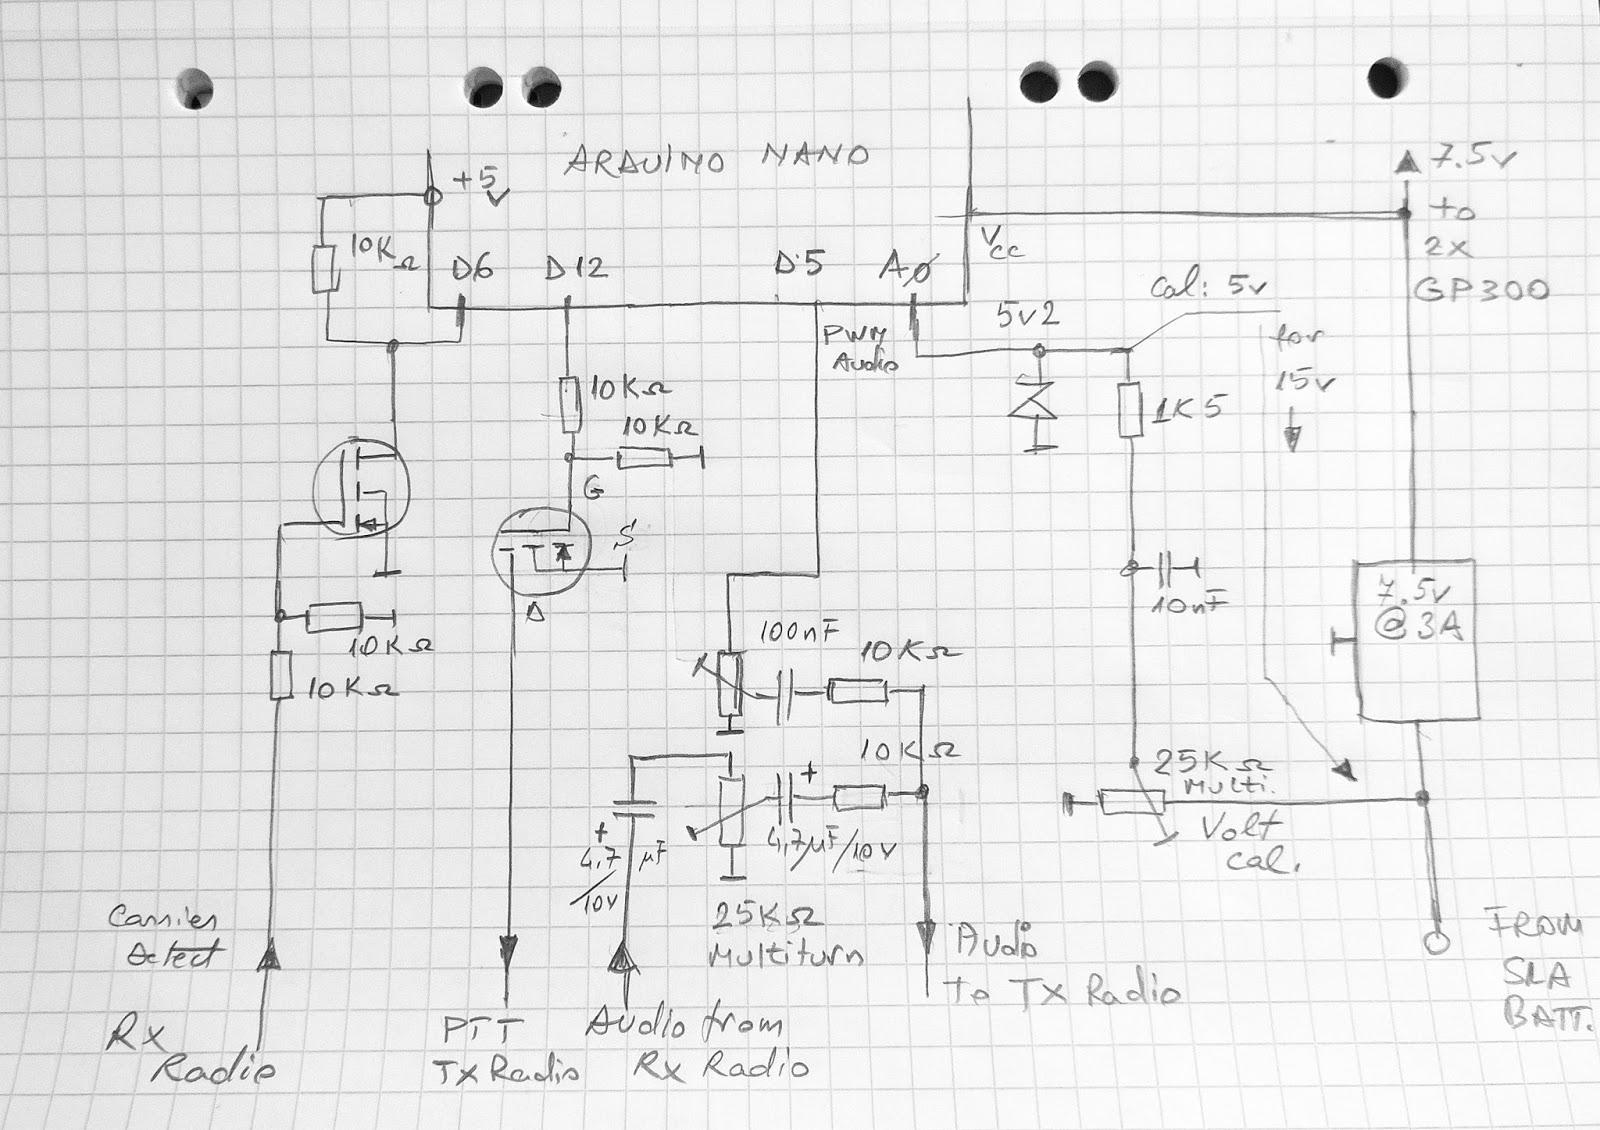 Low profile duplex UHF Repeater